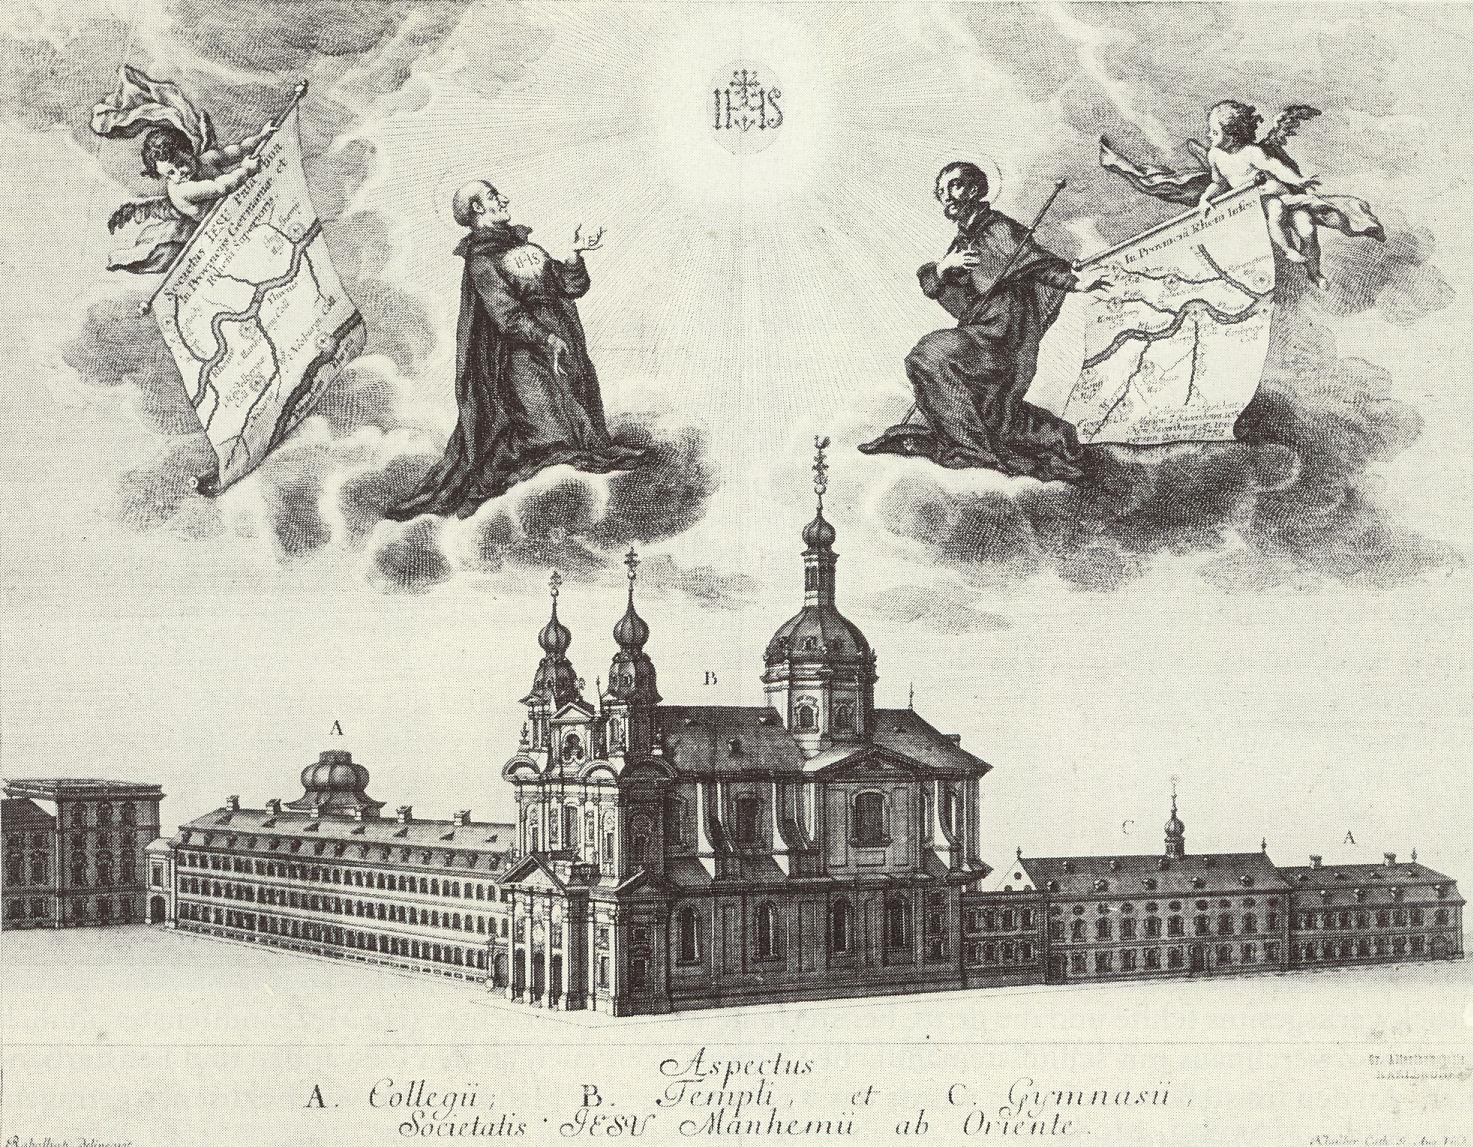 File:Jesuitenkirche Mannheim Basilica Carolina 1753 Gebr Klauber.jpg